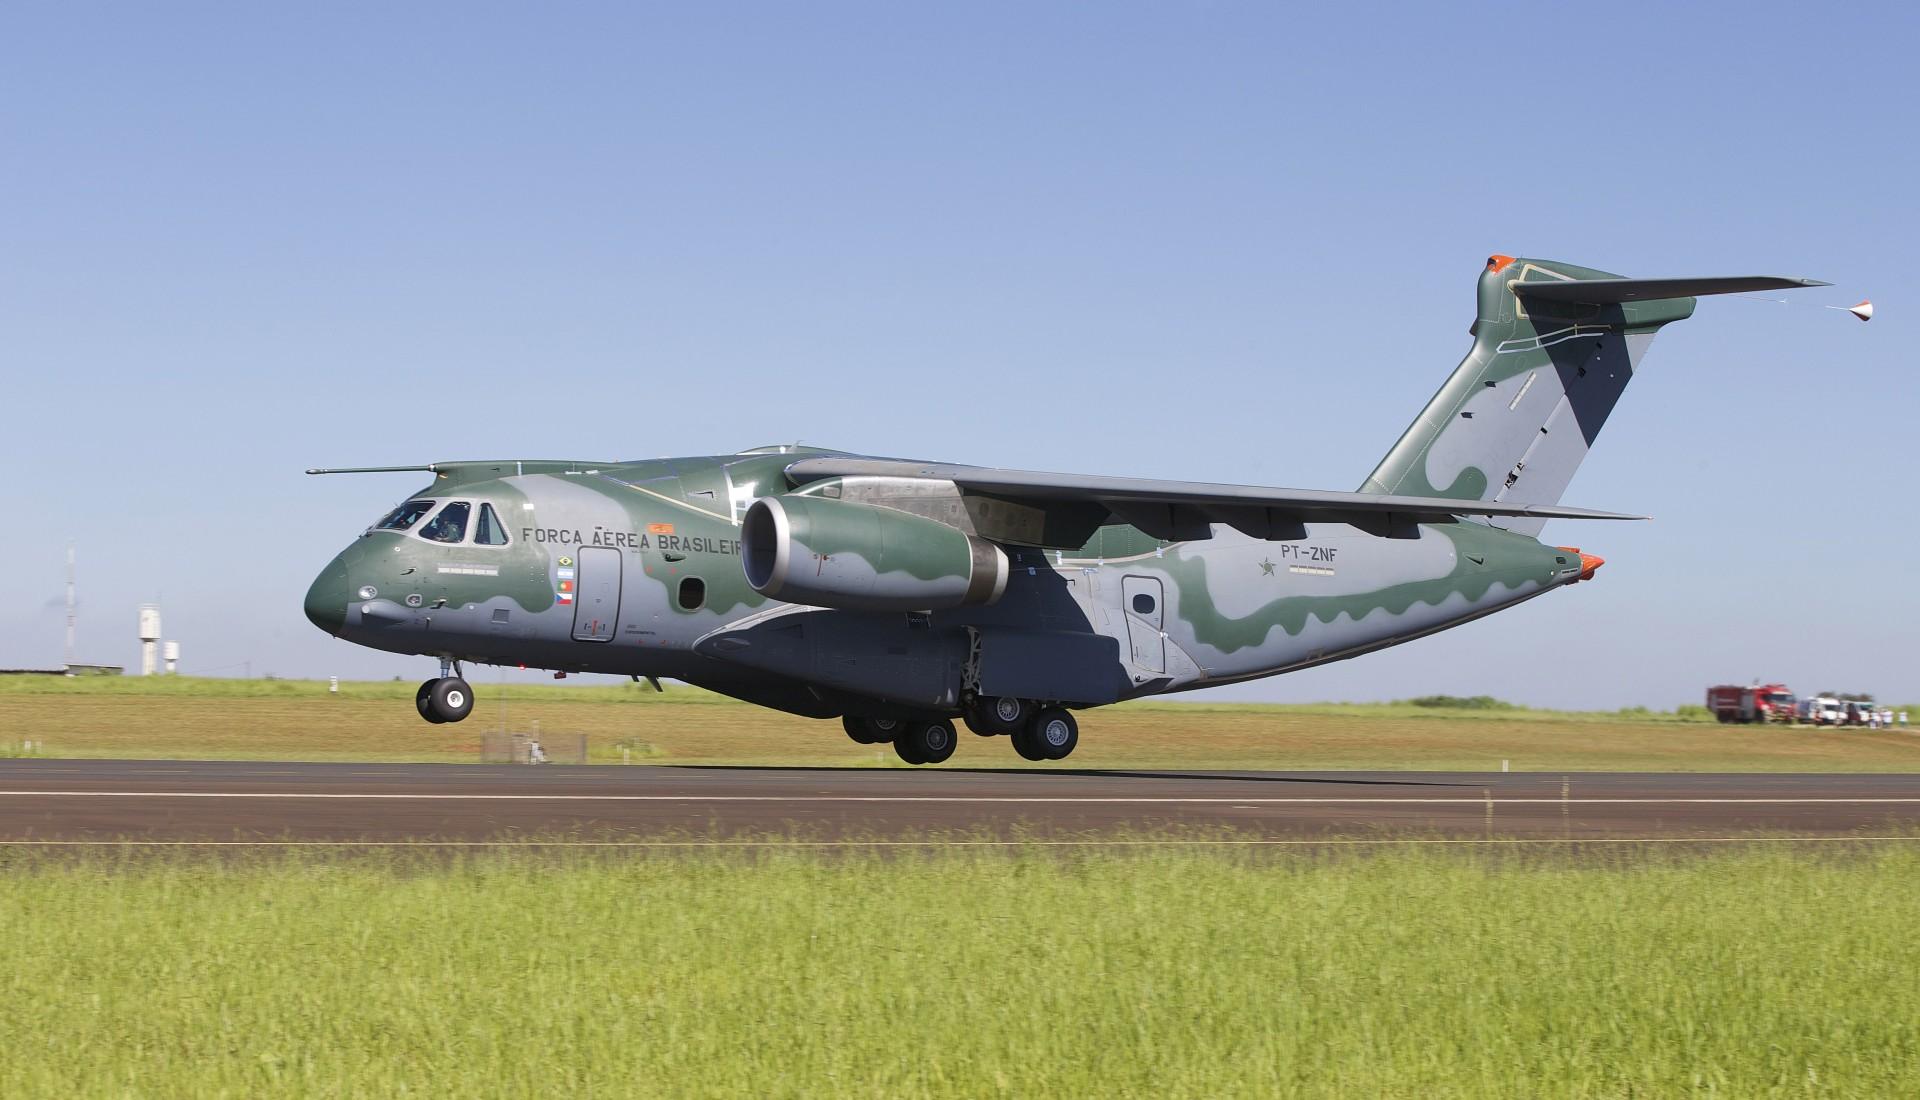 KC-390 Military Transport Aircraft